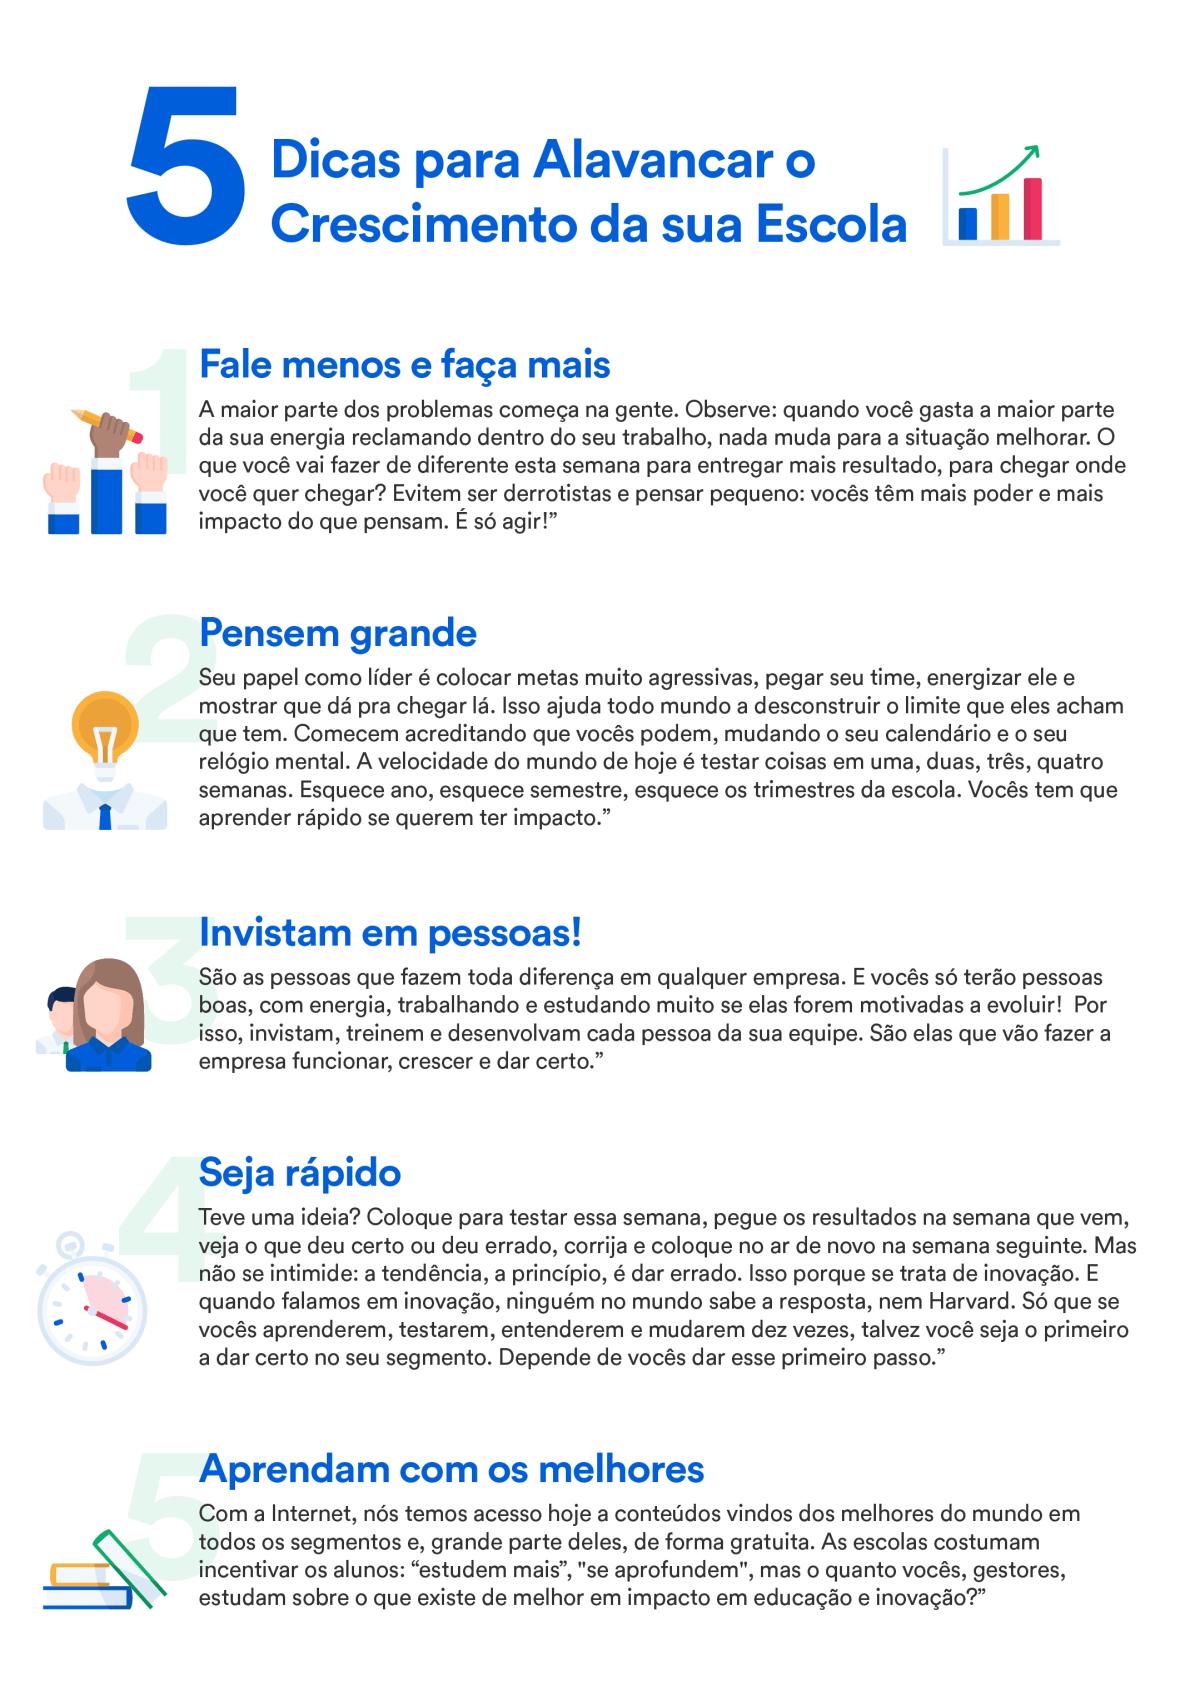 5 dicas para alavancar o crescimento da sua escola